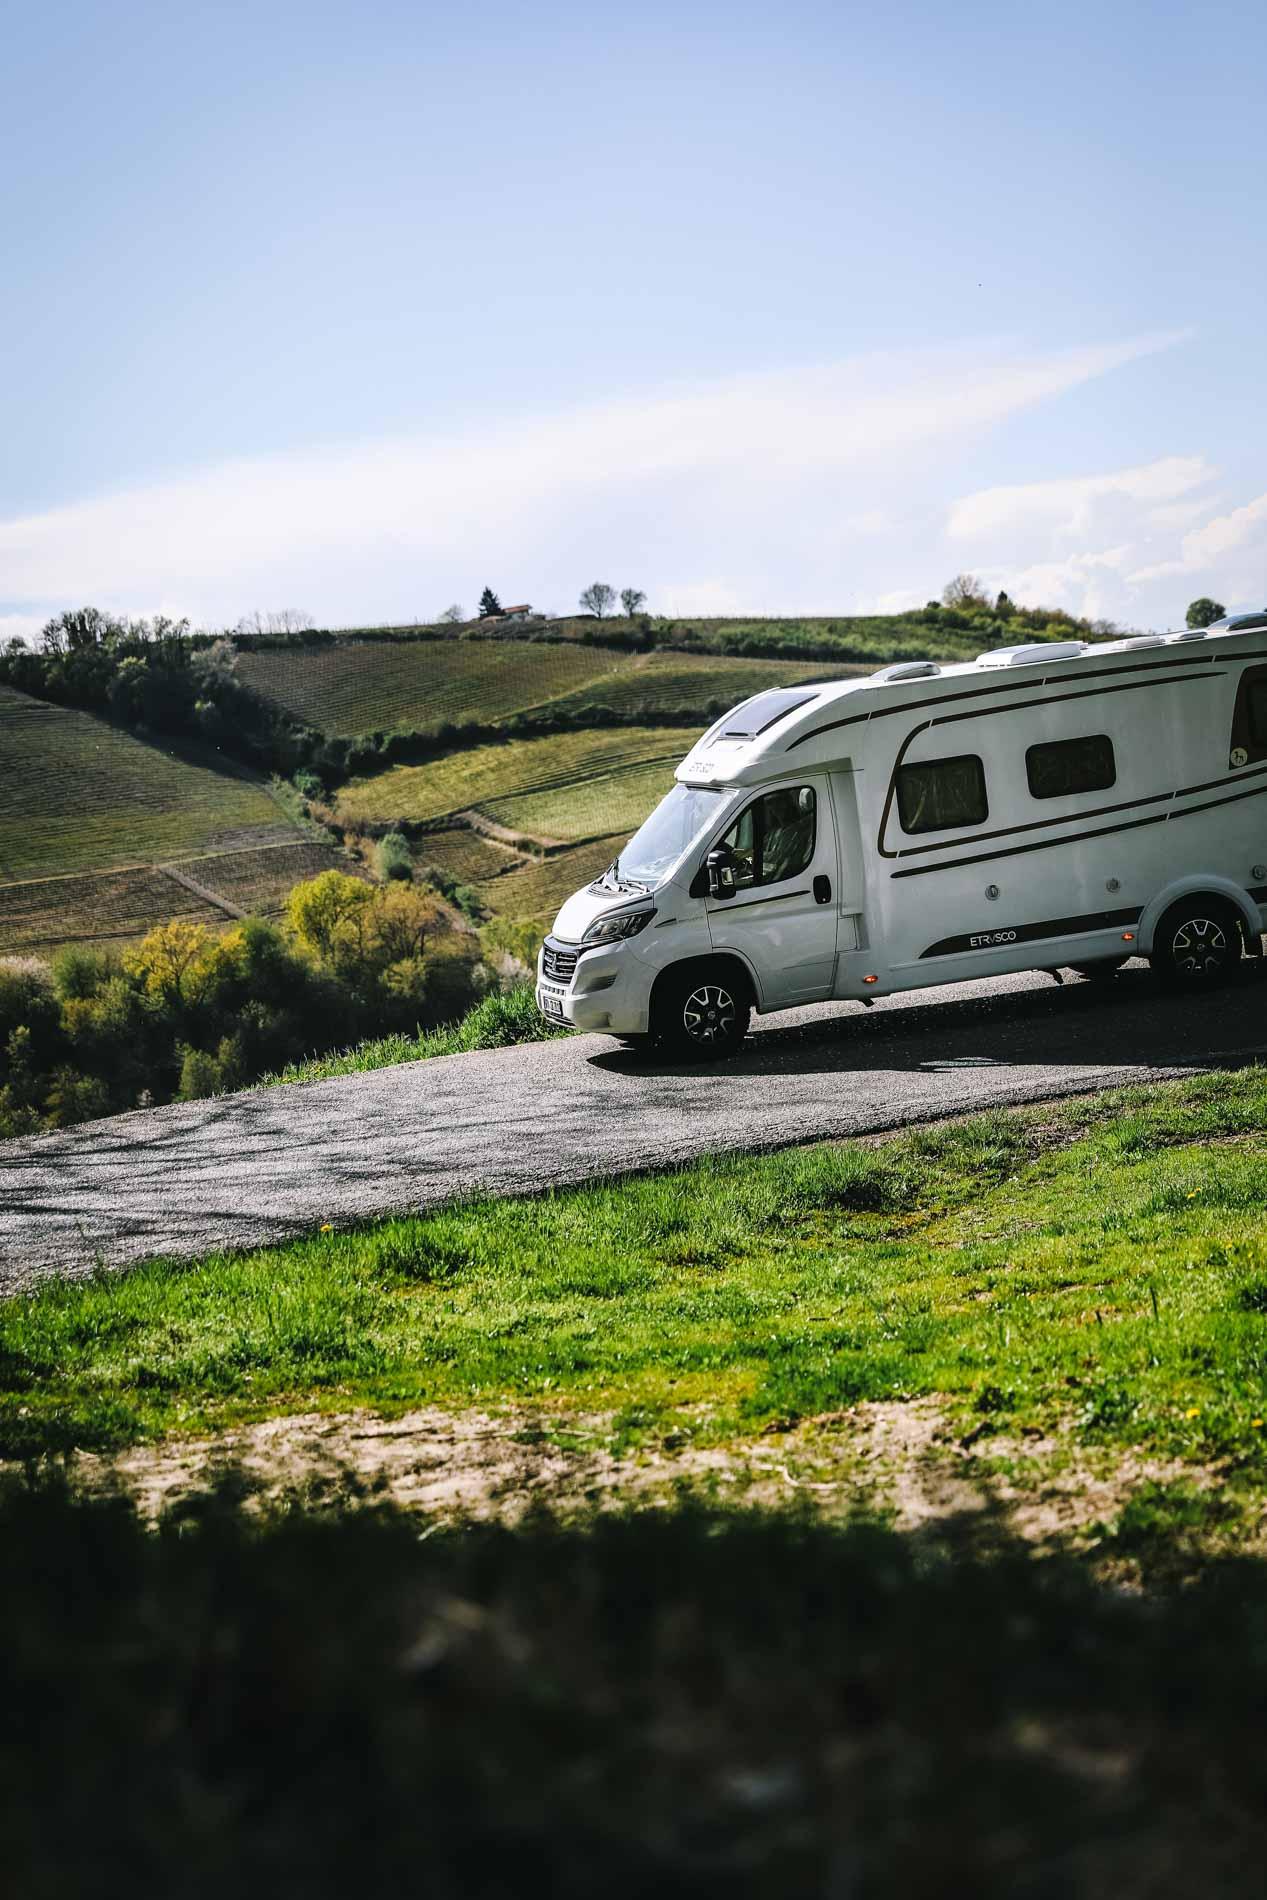 Die steilen, kurvenreichen und engen Straßen sind für die Camper kein Problem.